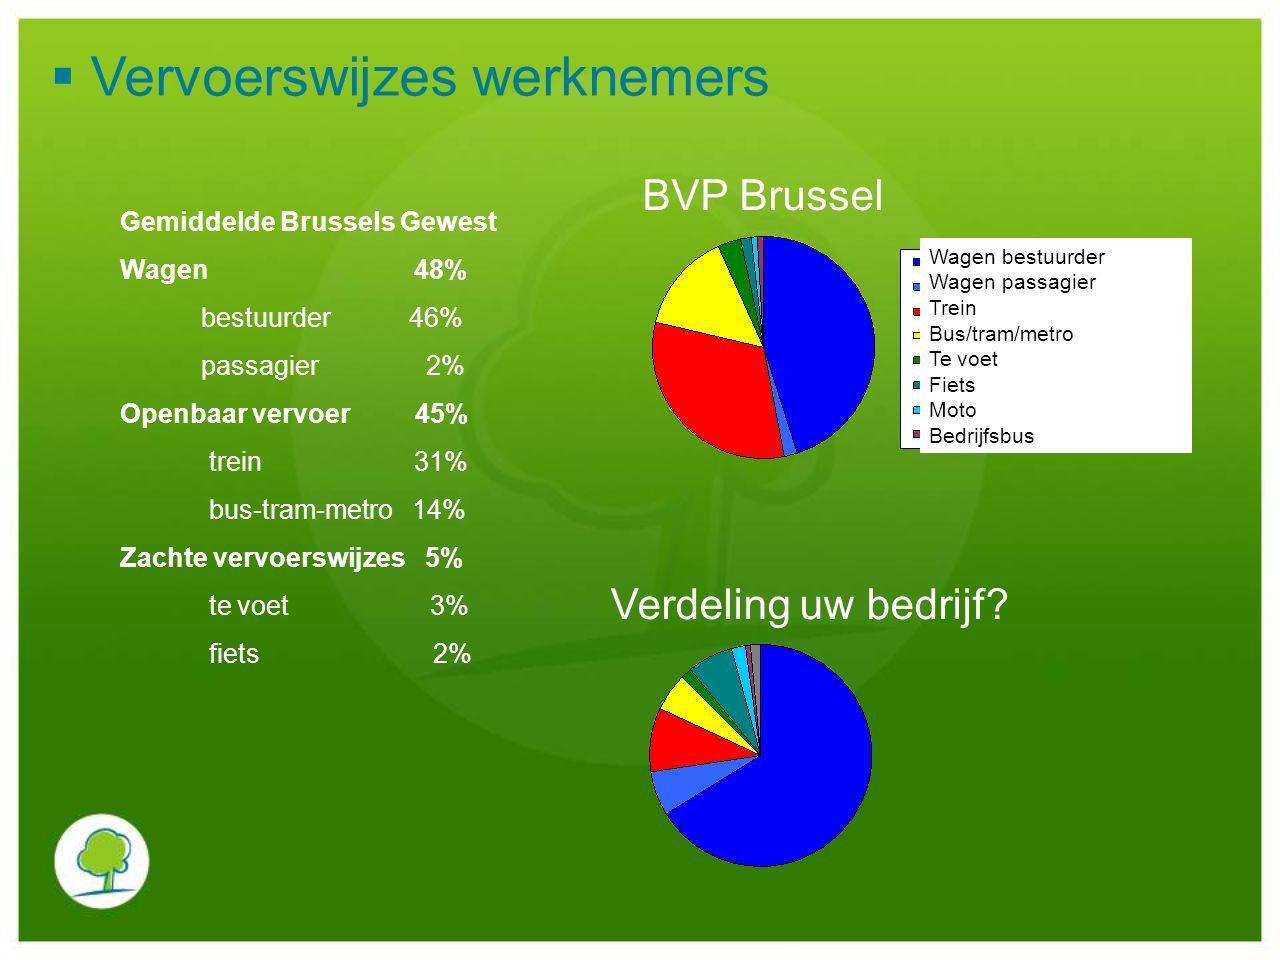  Vervoerswijzes werknemers Gemiddelde Brussels Gewest Wagen 48% bestuurder 46% passagier 2% Openbaar vervoer 45% trein 31% bus-tram-metro 14% Zachte